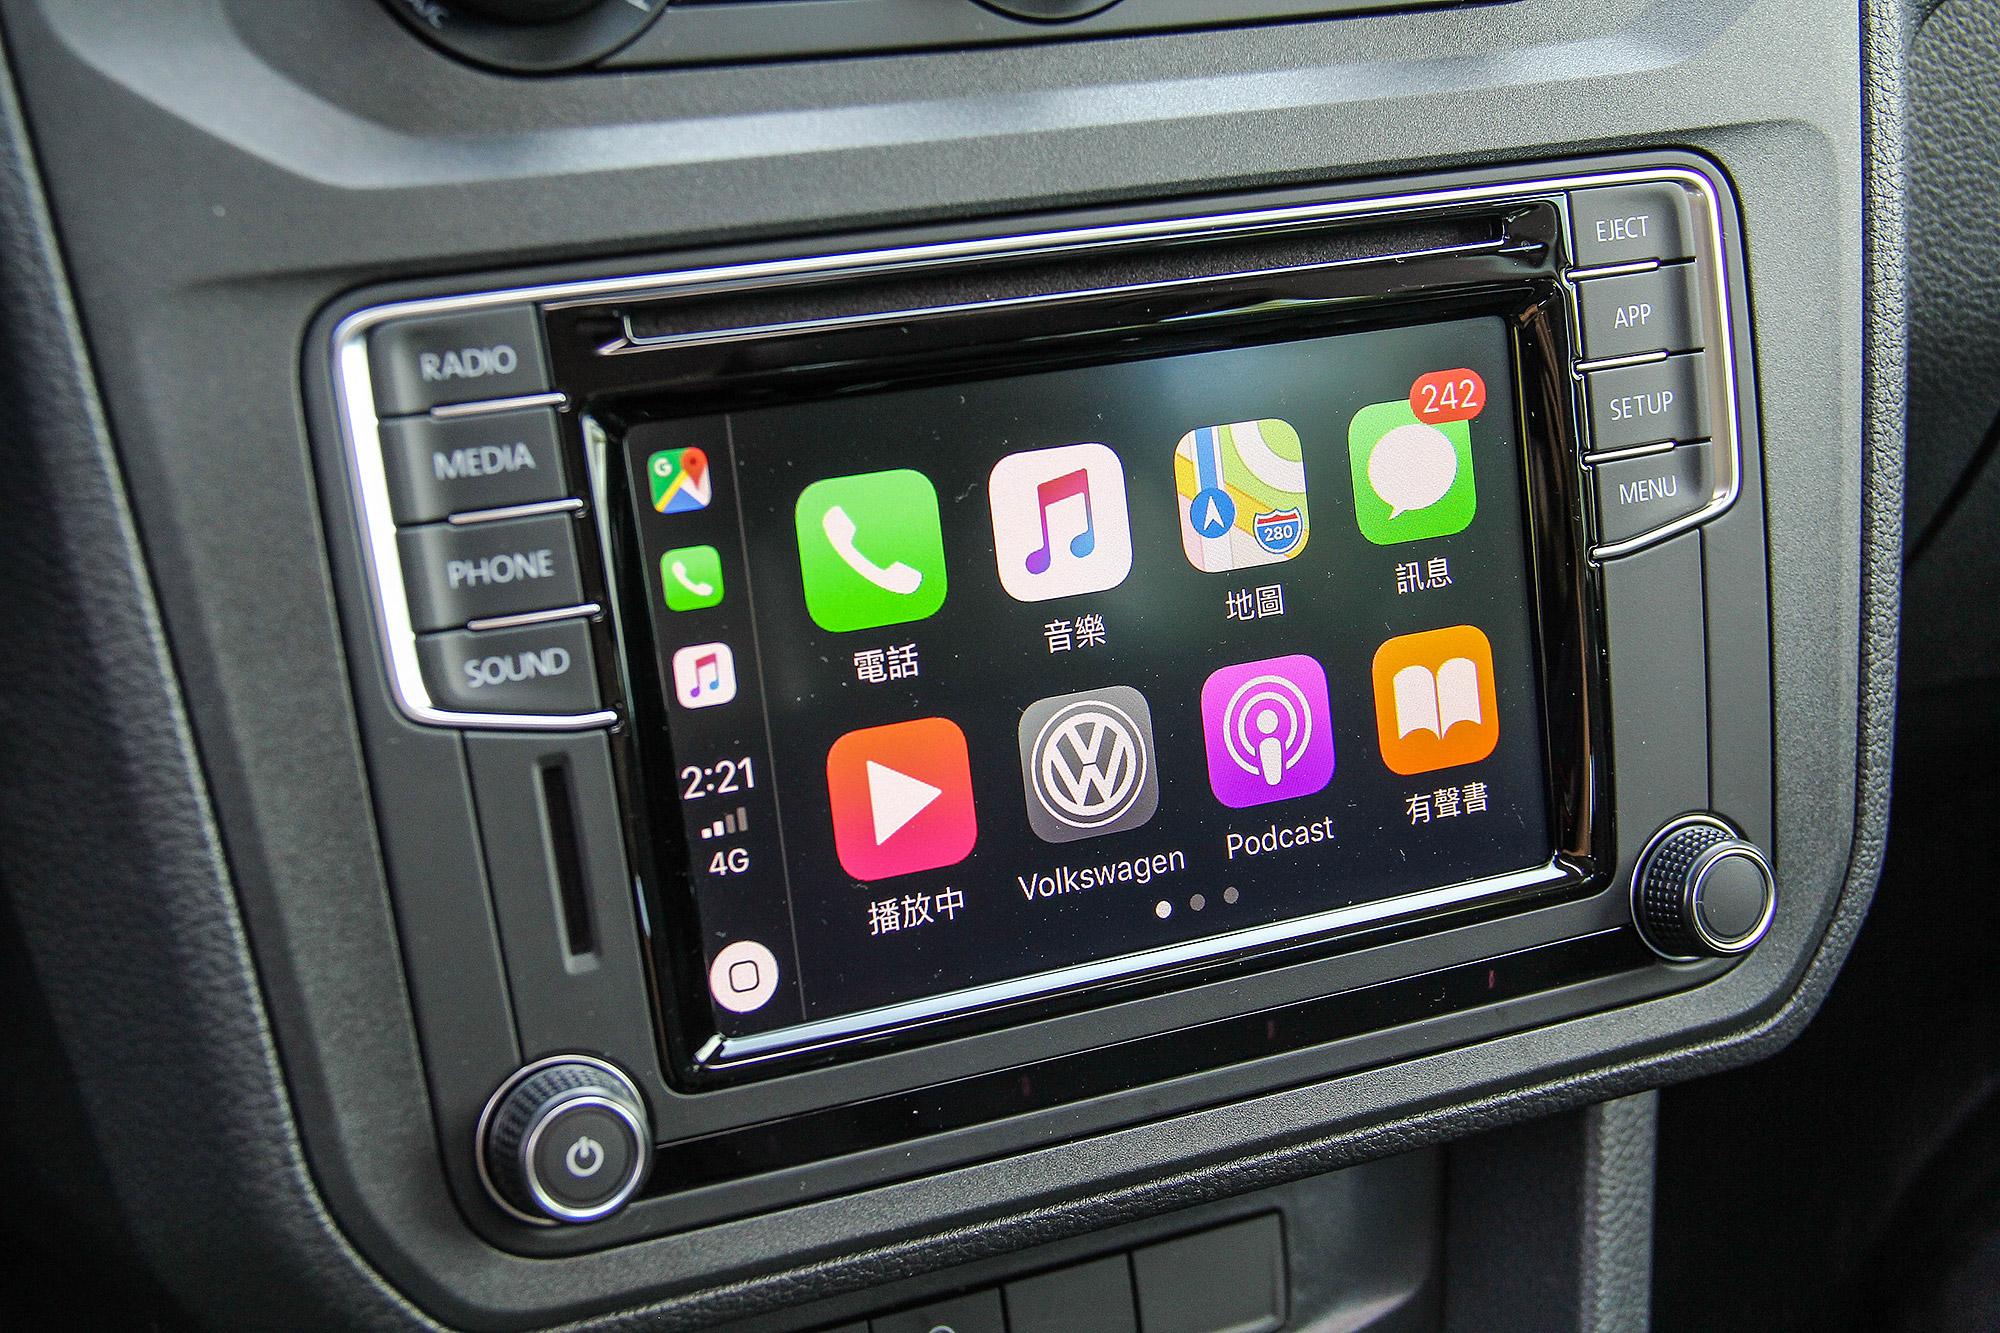 支援 Apple CarPlay 與 Android Auto 的 App-Connect 系統為標準配備,並升級 6.33 吋觸控螢幕。